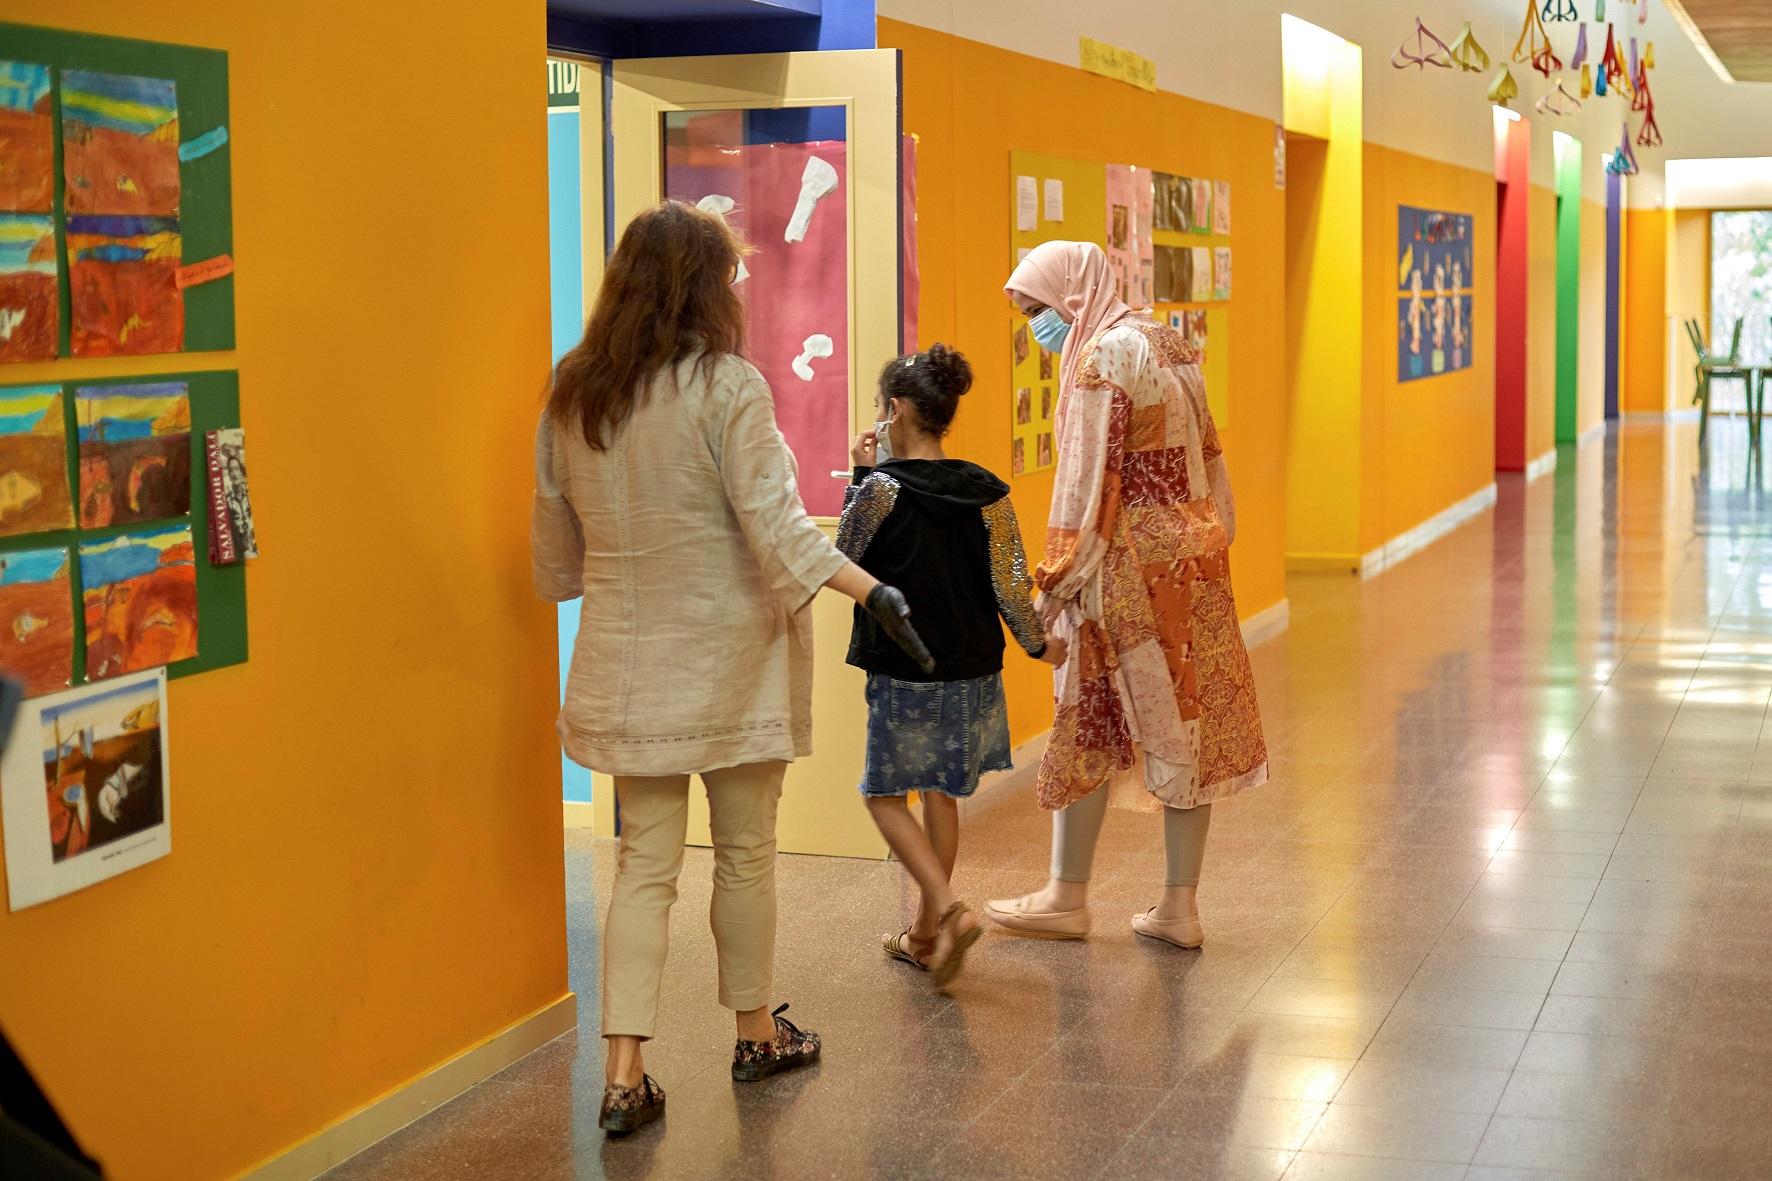 Una escuela de Girona (Cataluña) durante el primer día de clases después del confinamiento de la primera ola de coronavirus, en junio de 2020   EFE/DB/Archivo